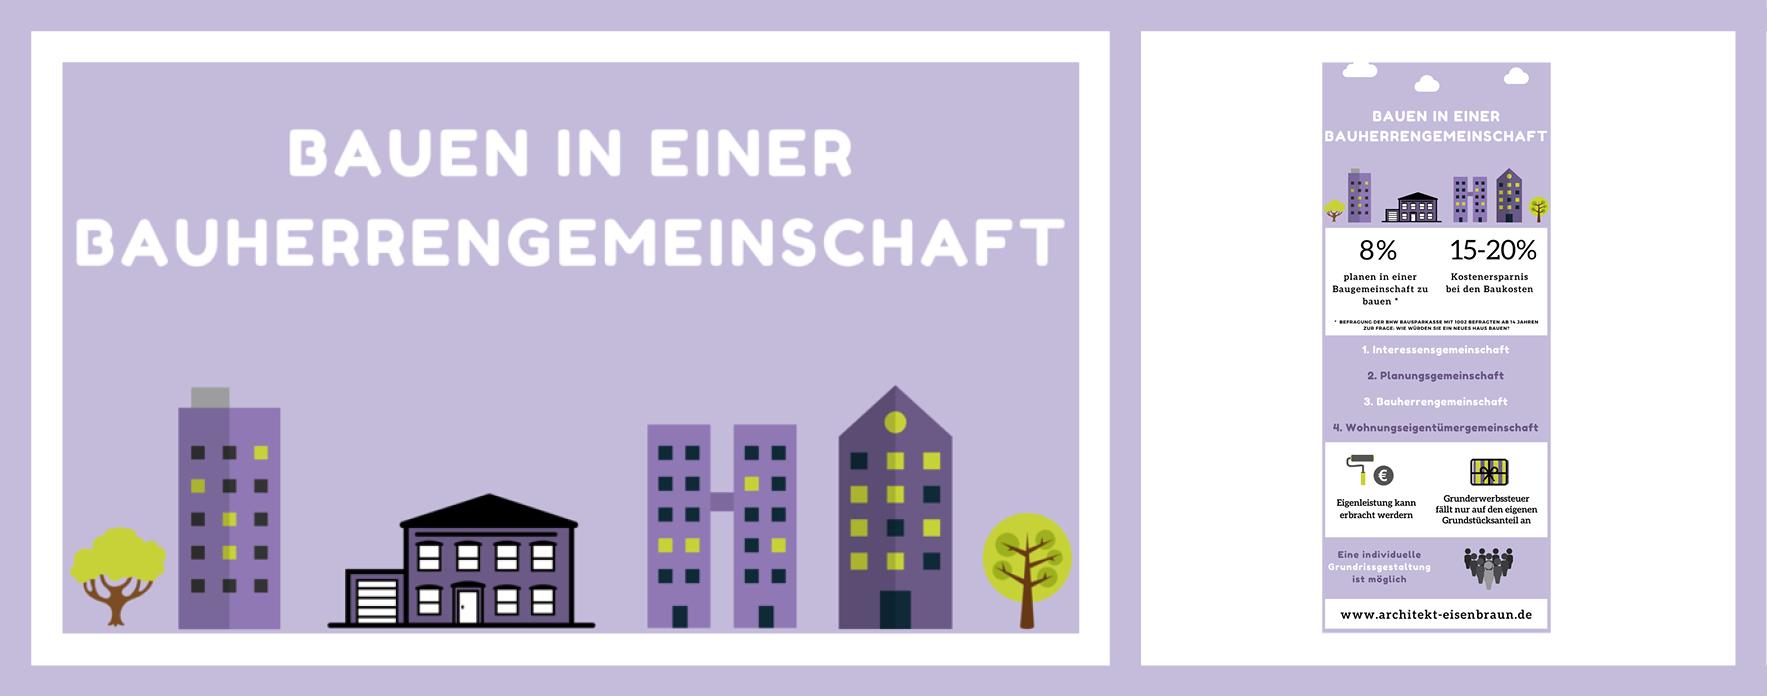 Infografik: Bauen In Einer Bauherrengemeinschaft